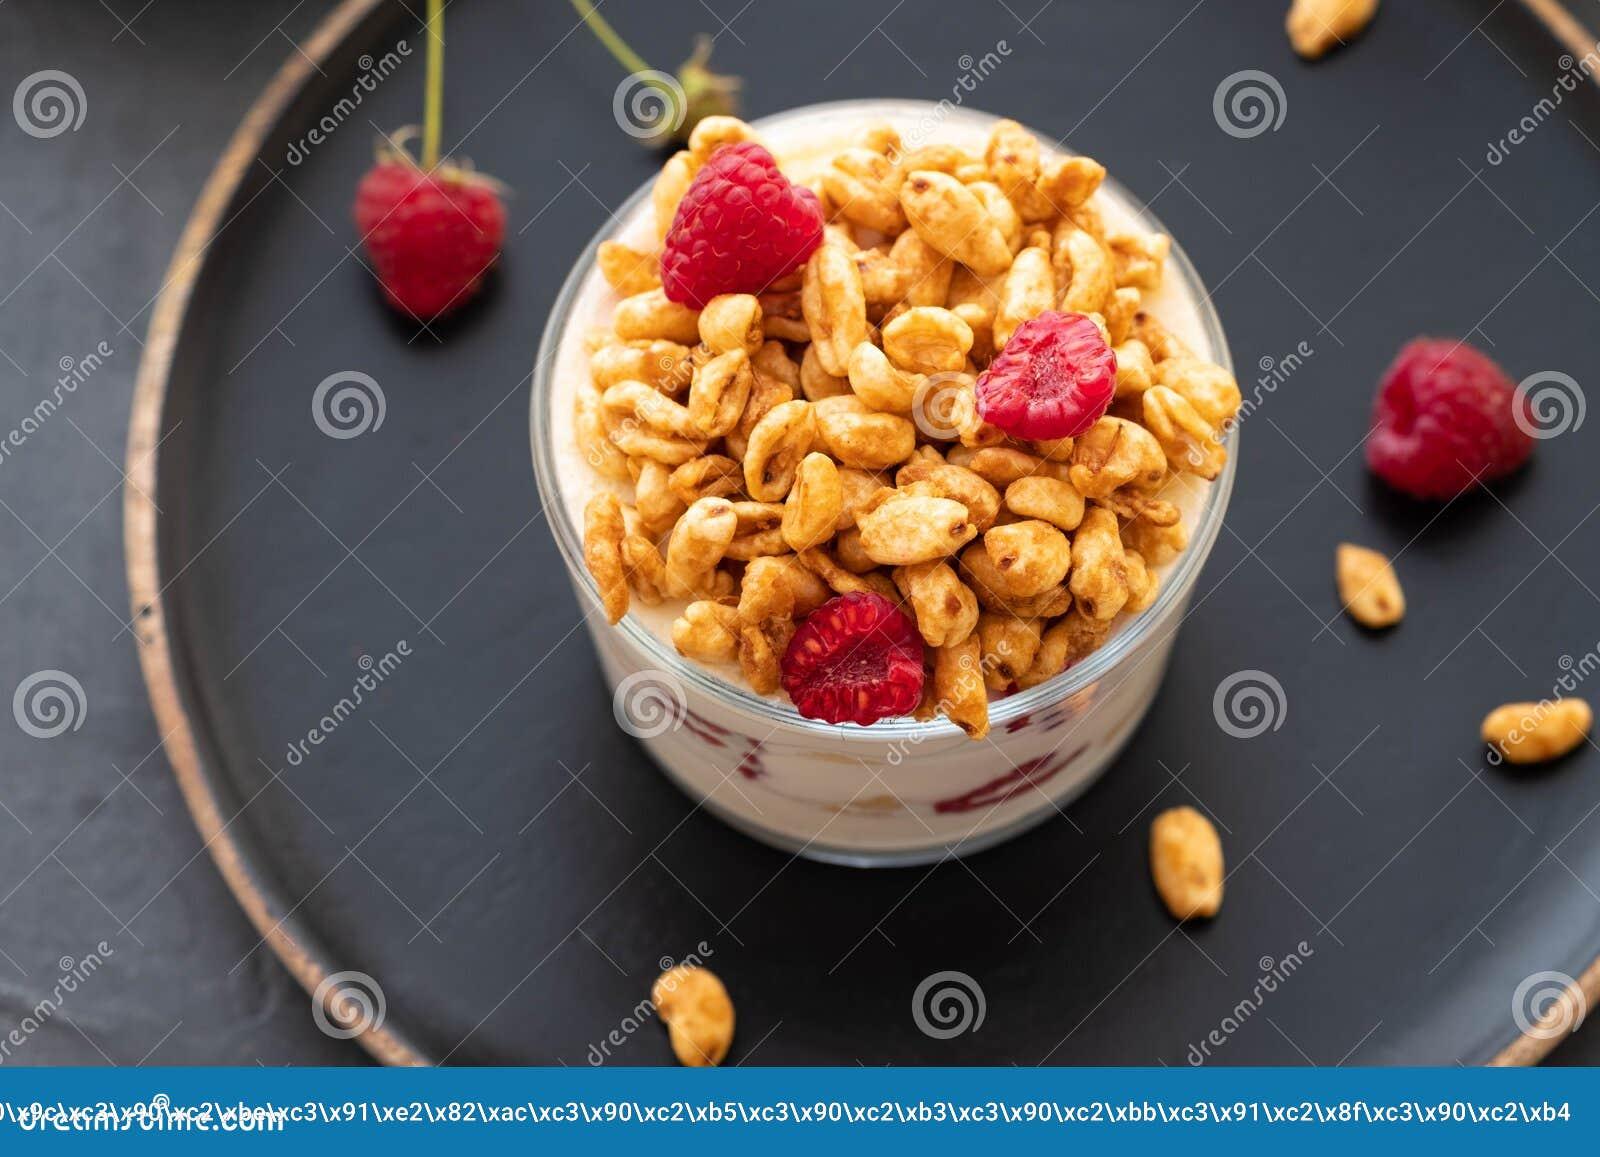 Schüssel Granola mit Jogurt und frischen Beeren auf schwarzem Hintergrund von der Draufsicht Gesunder Frühstück Kopienraum